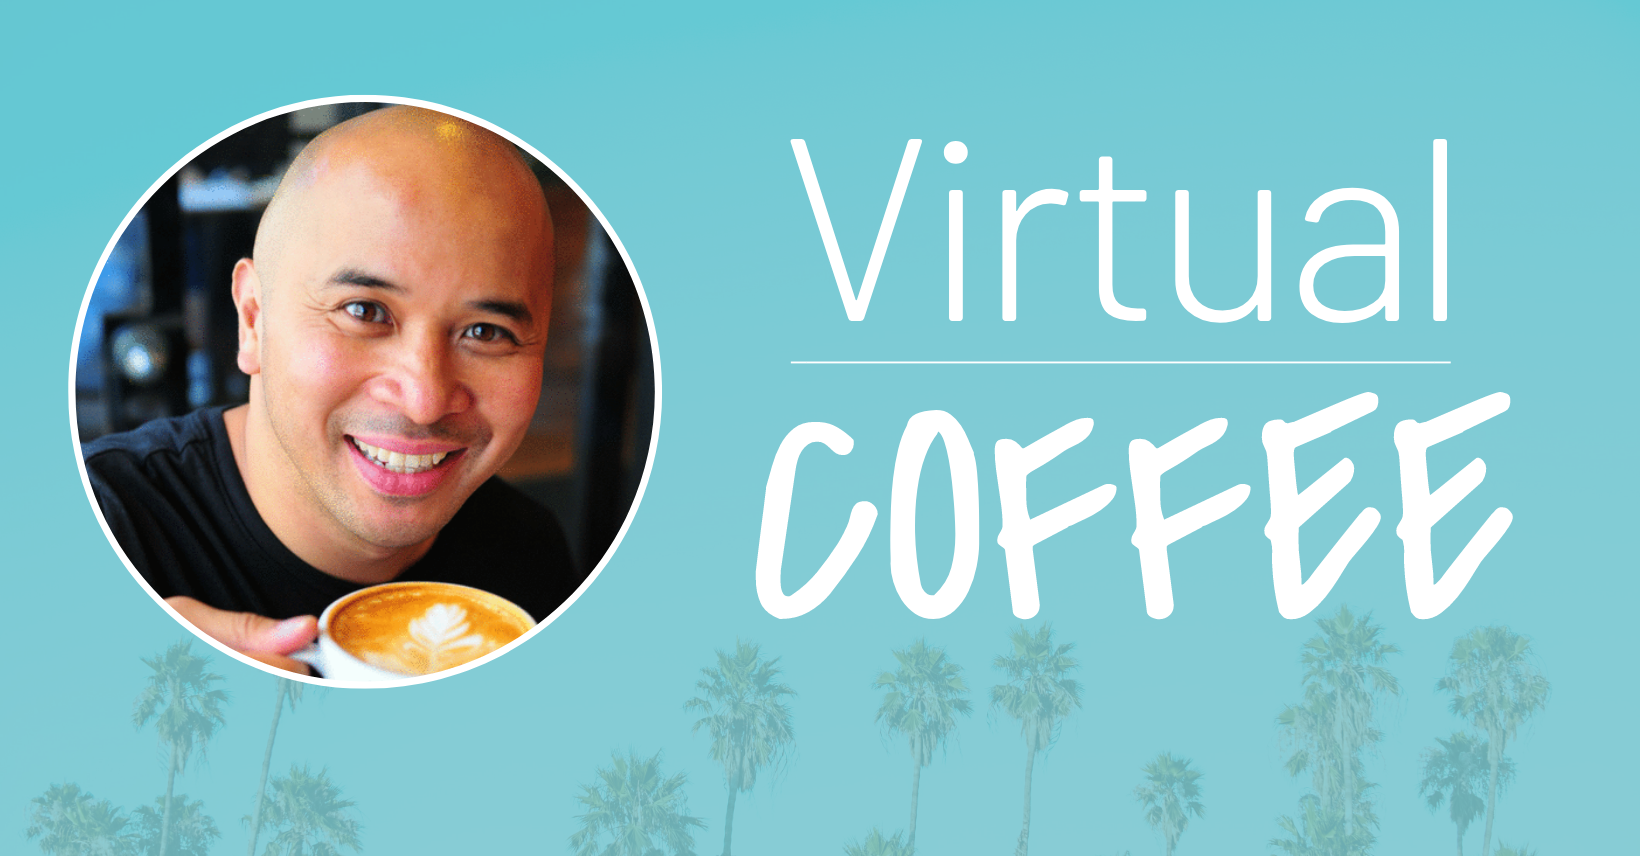 Let's Grab a (Virtual) Coffee!